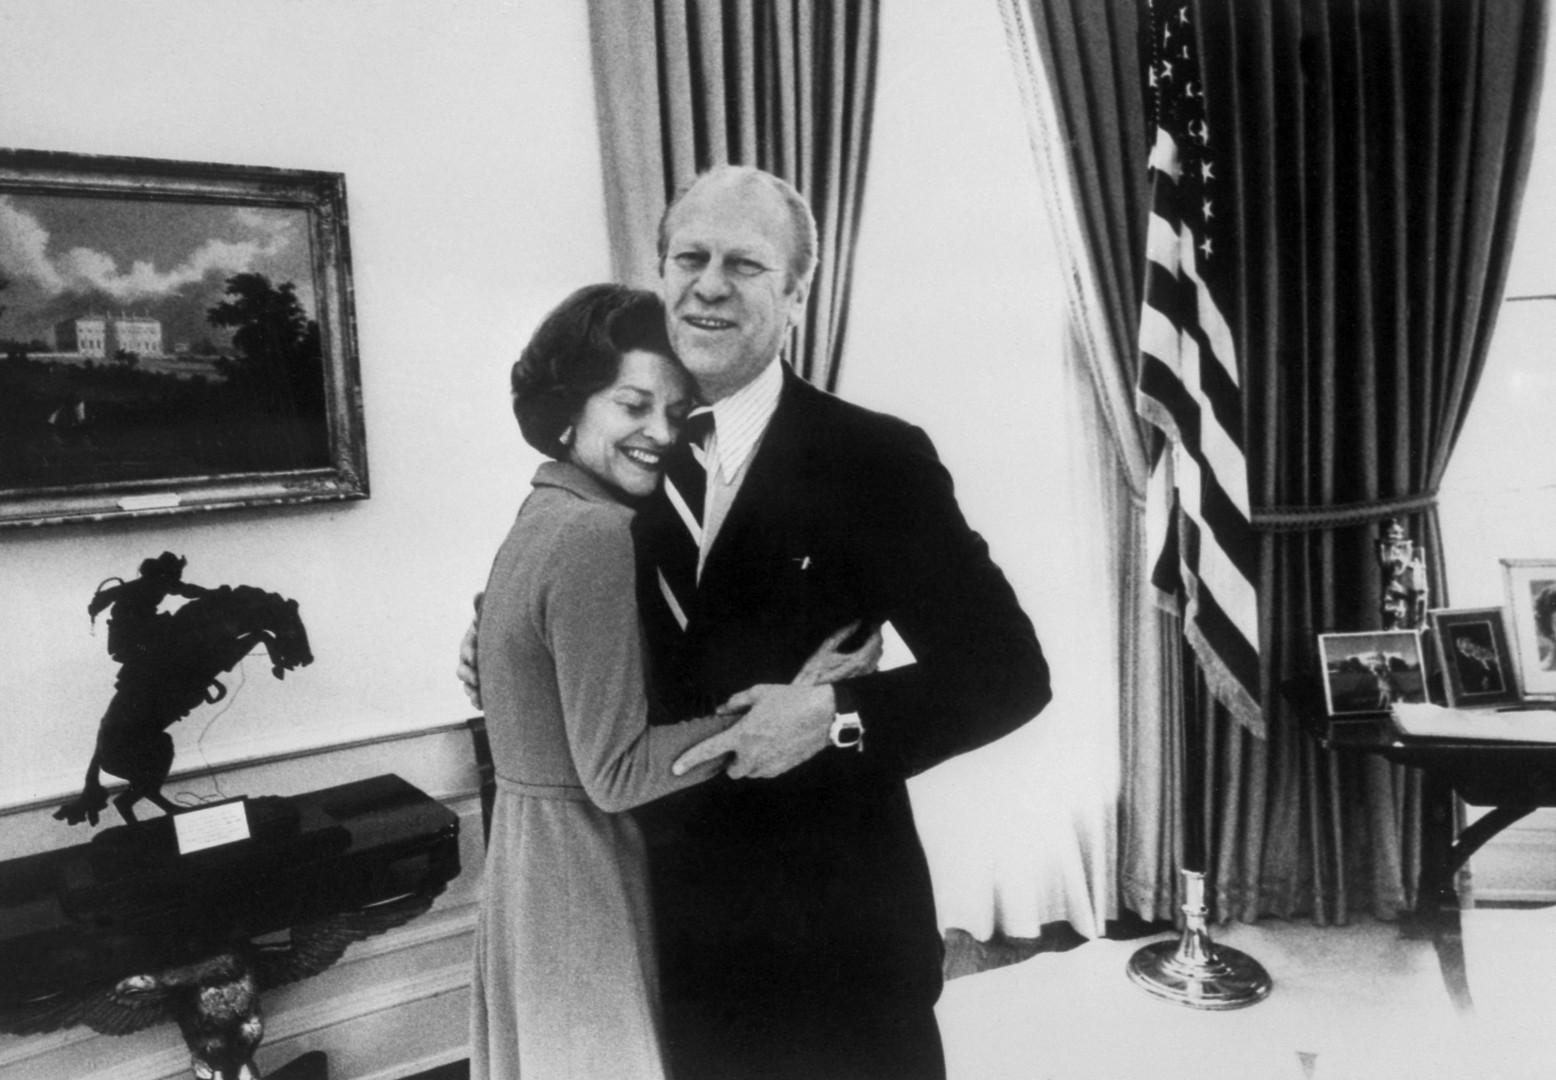 Gerald Ford enlaçant sa femme Betty à la Maison Blanche en 1974